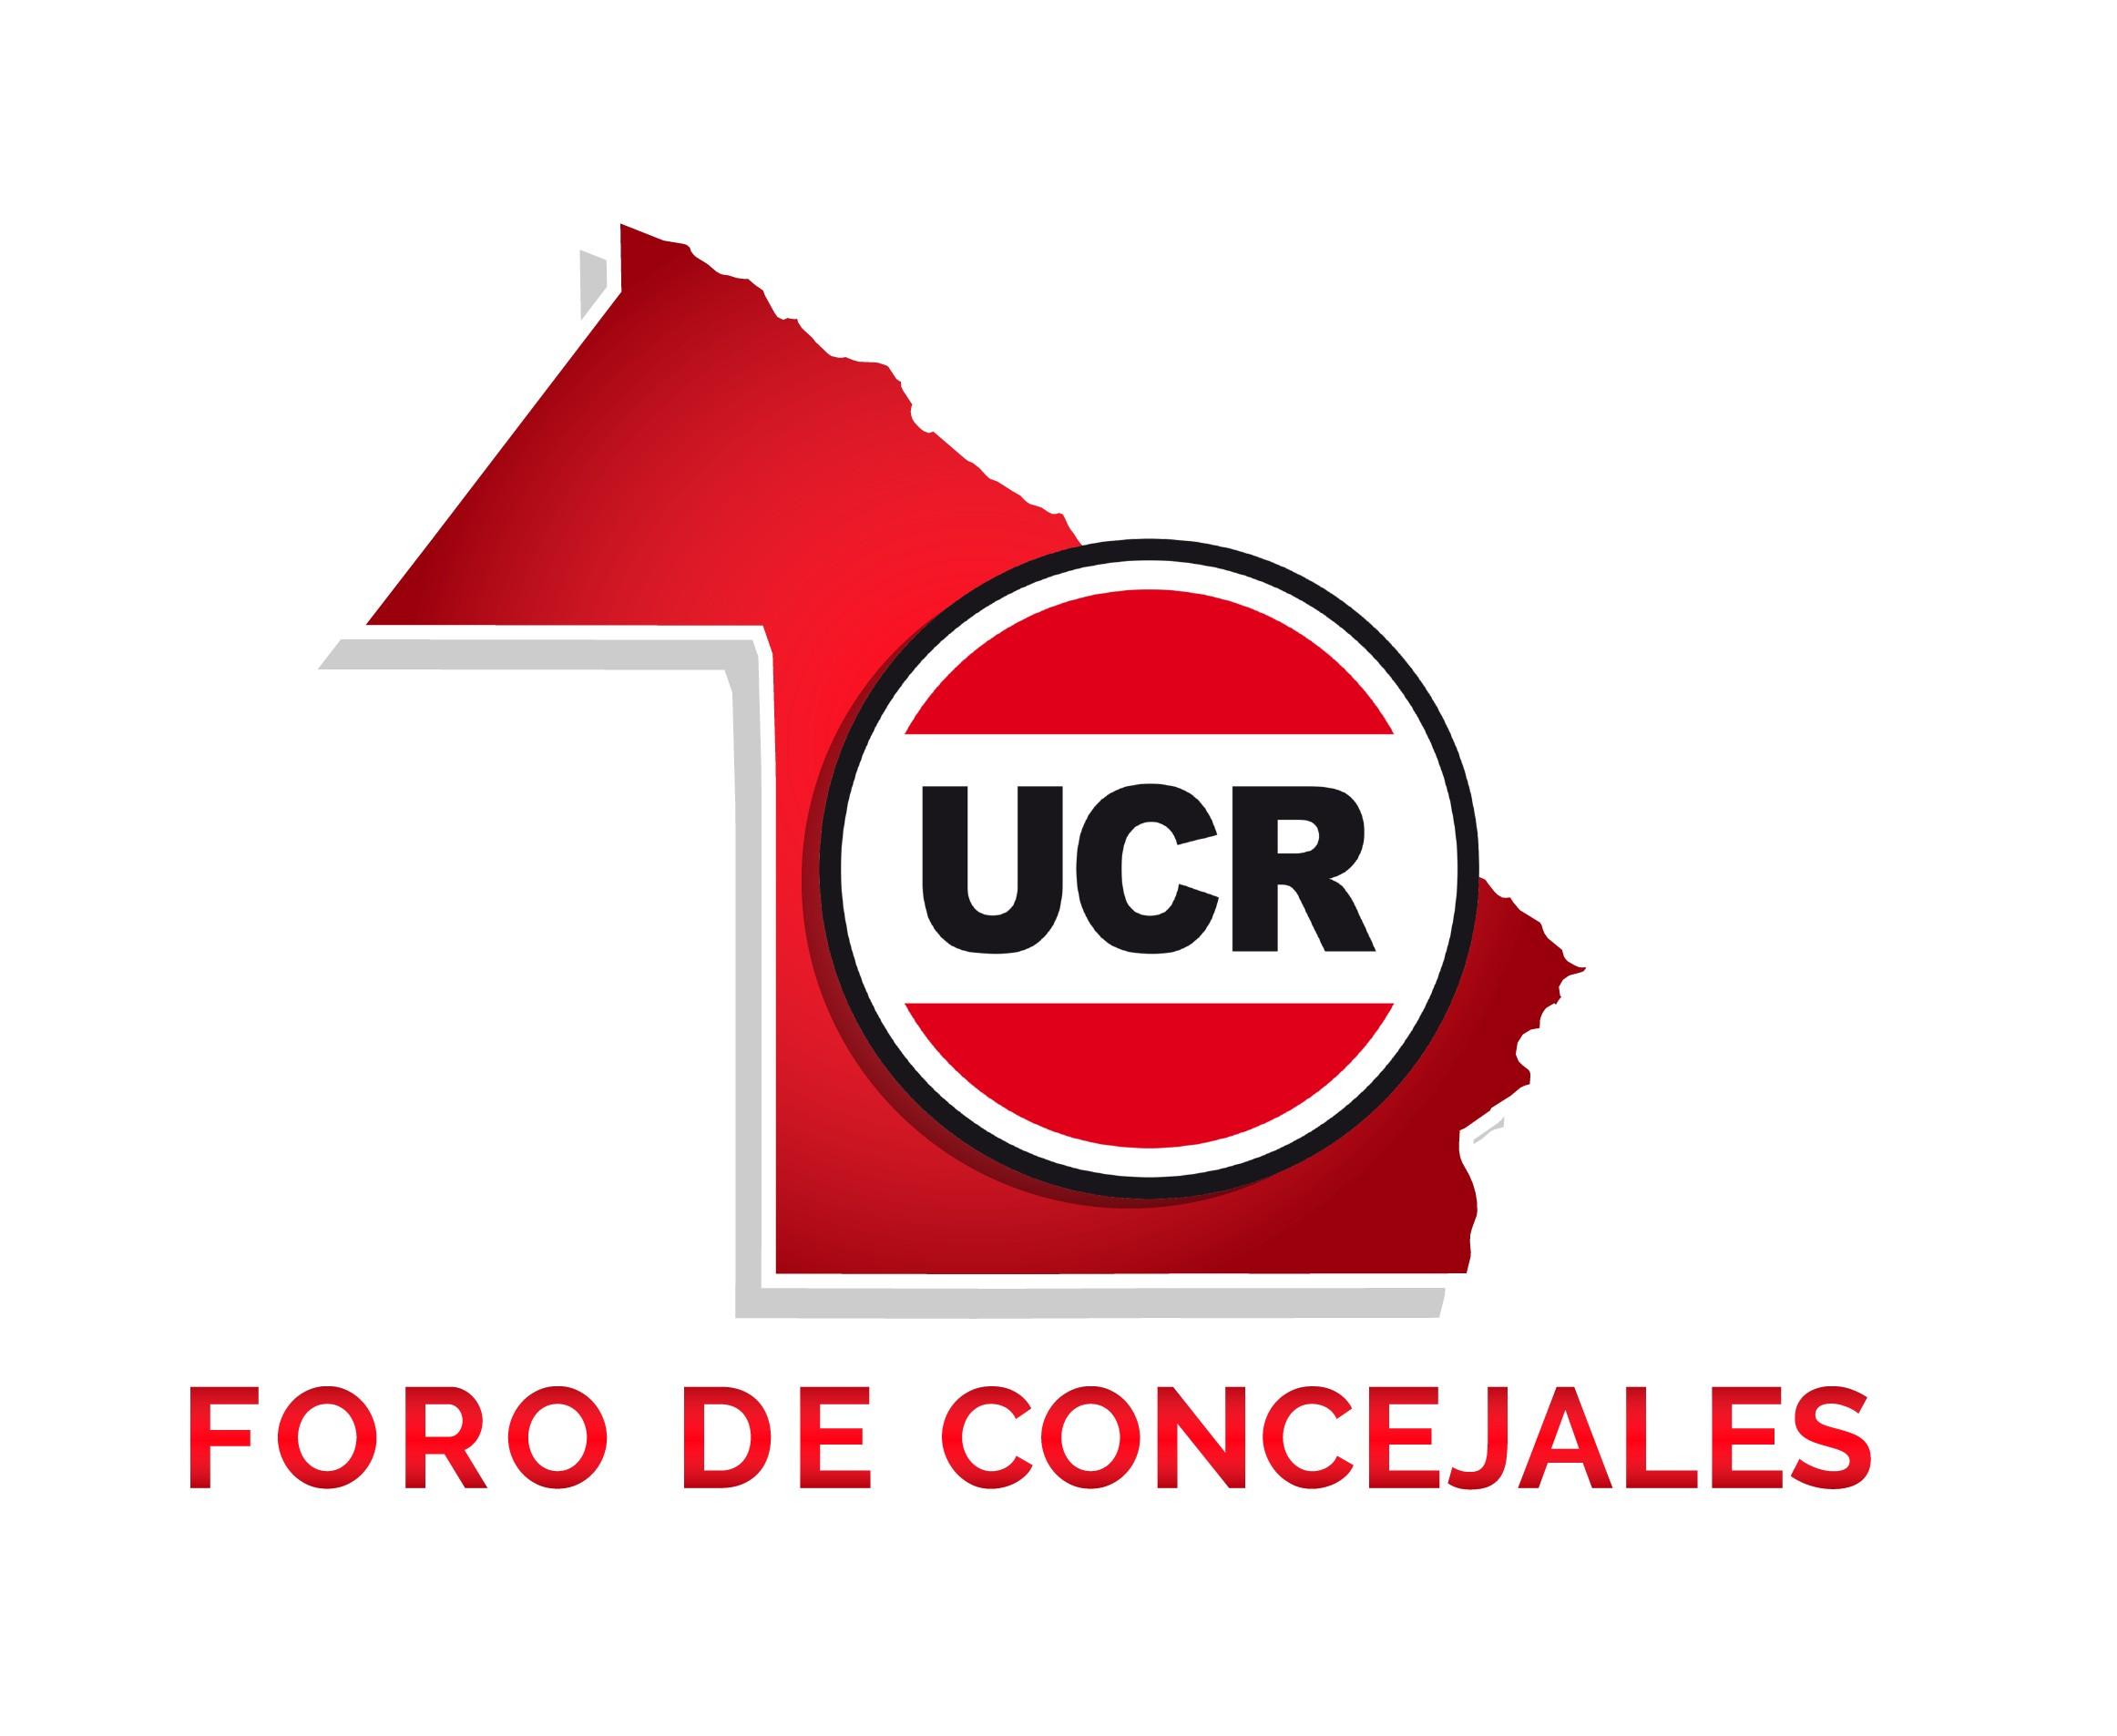 El Foro de Concejales de la UCR denunció que